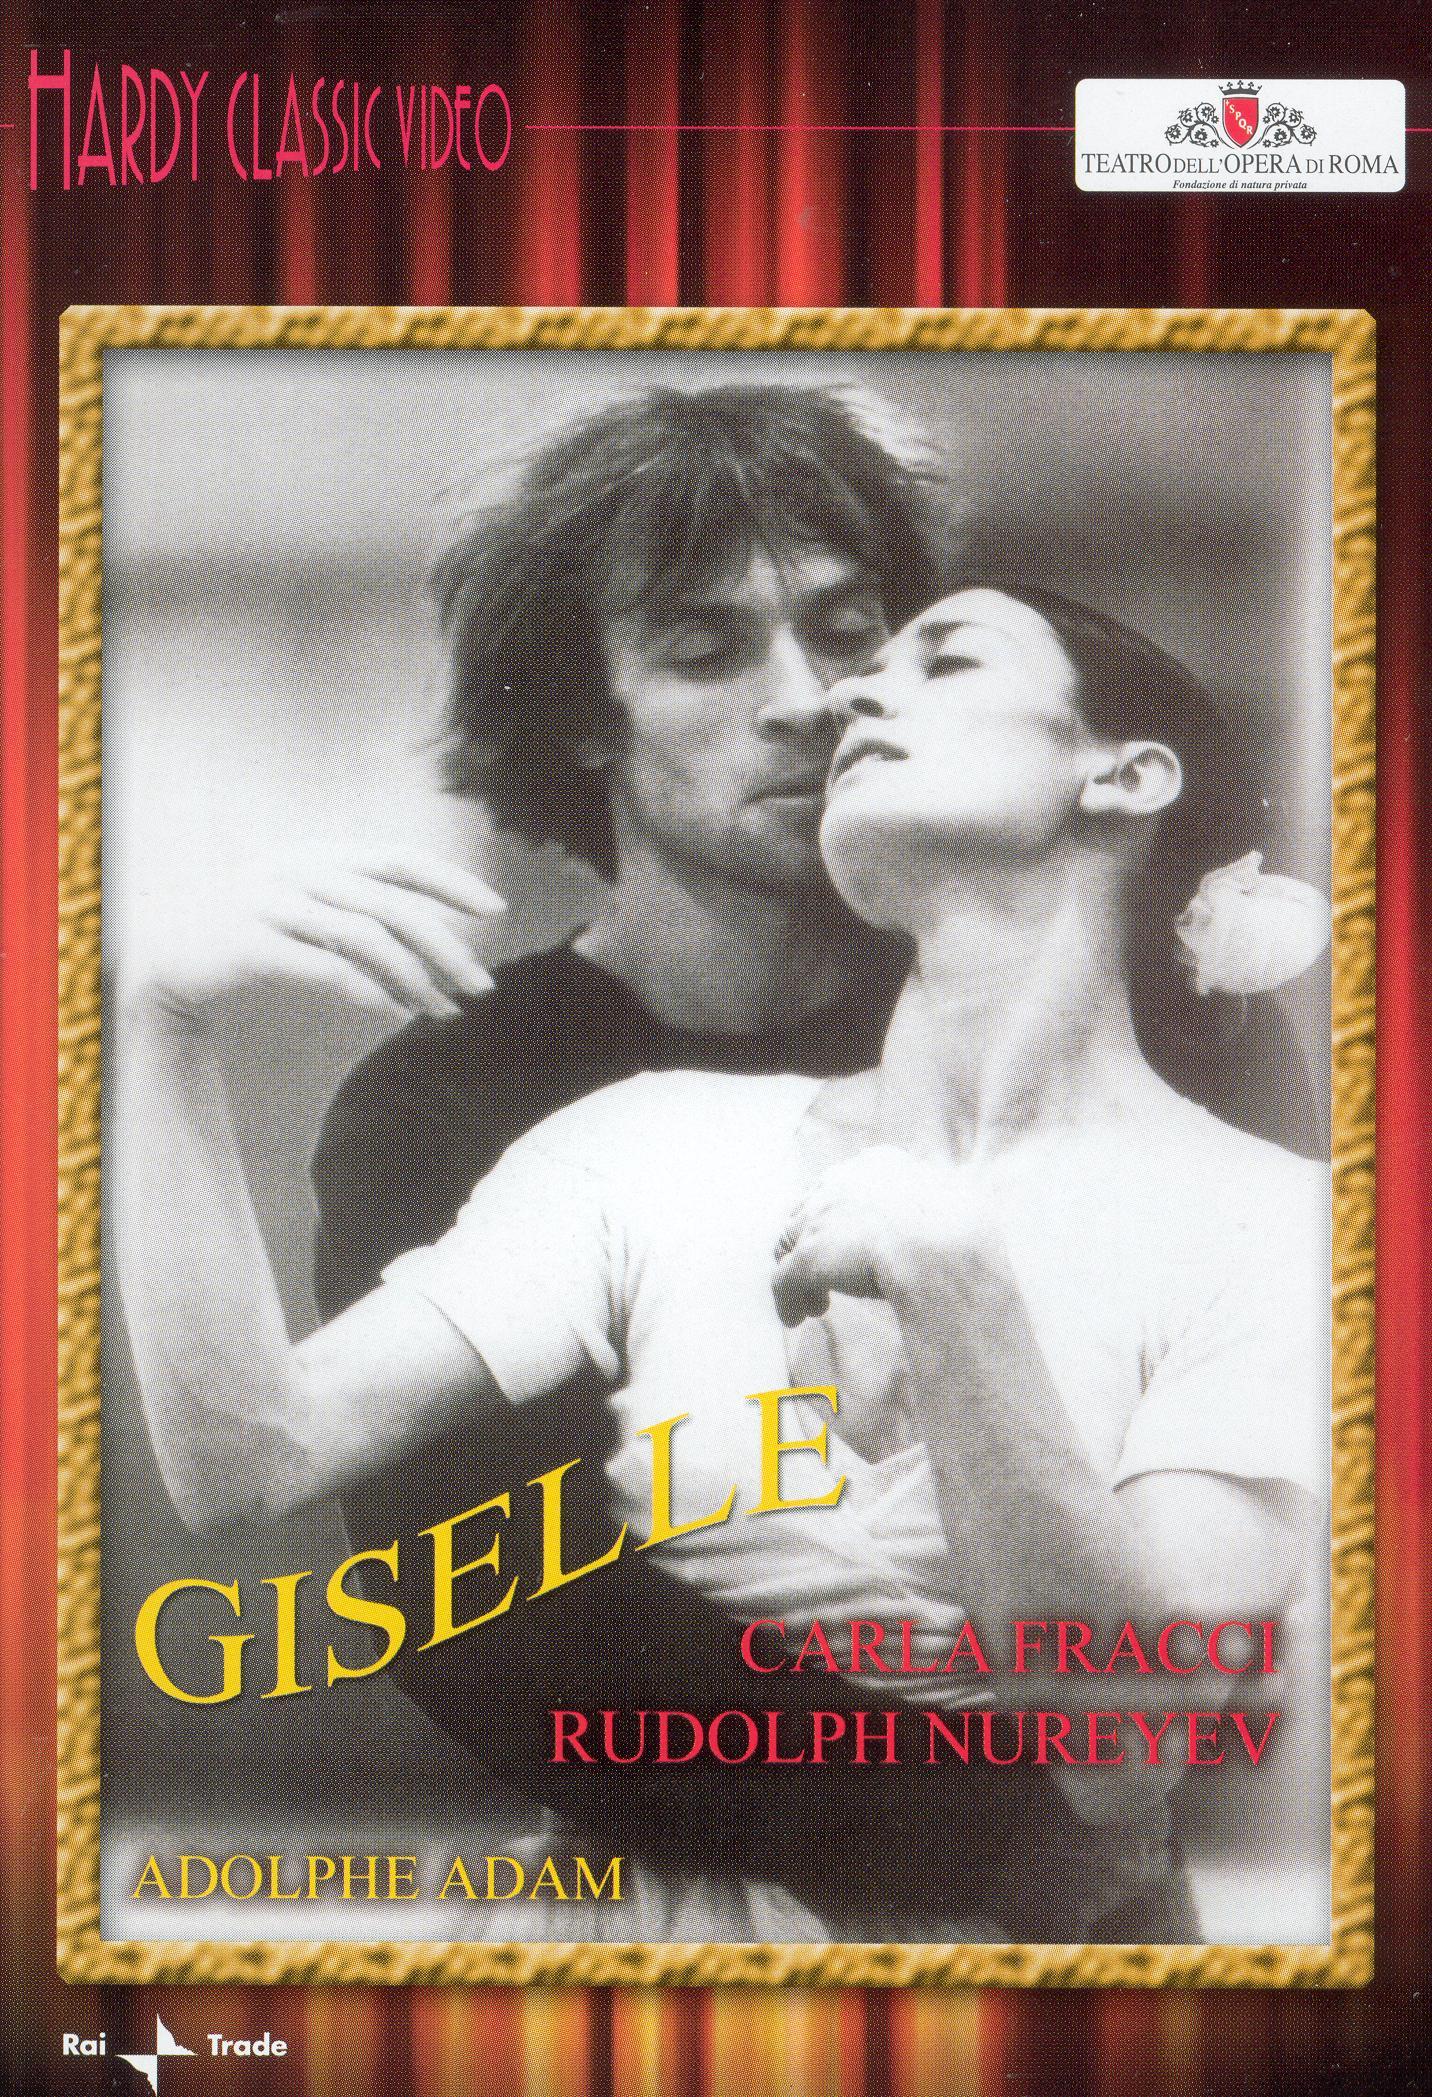 Giselle (Teatro dell'Opera di Roma)